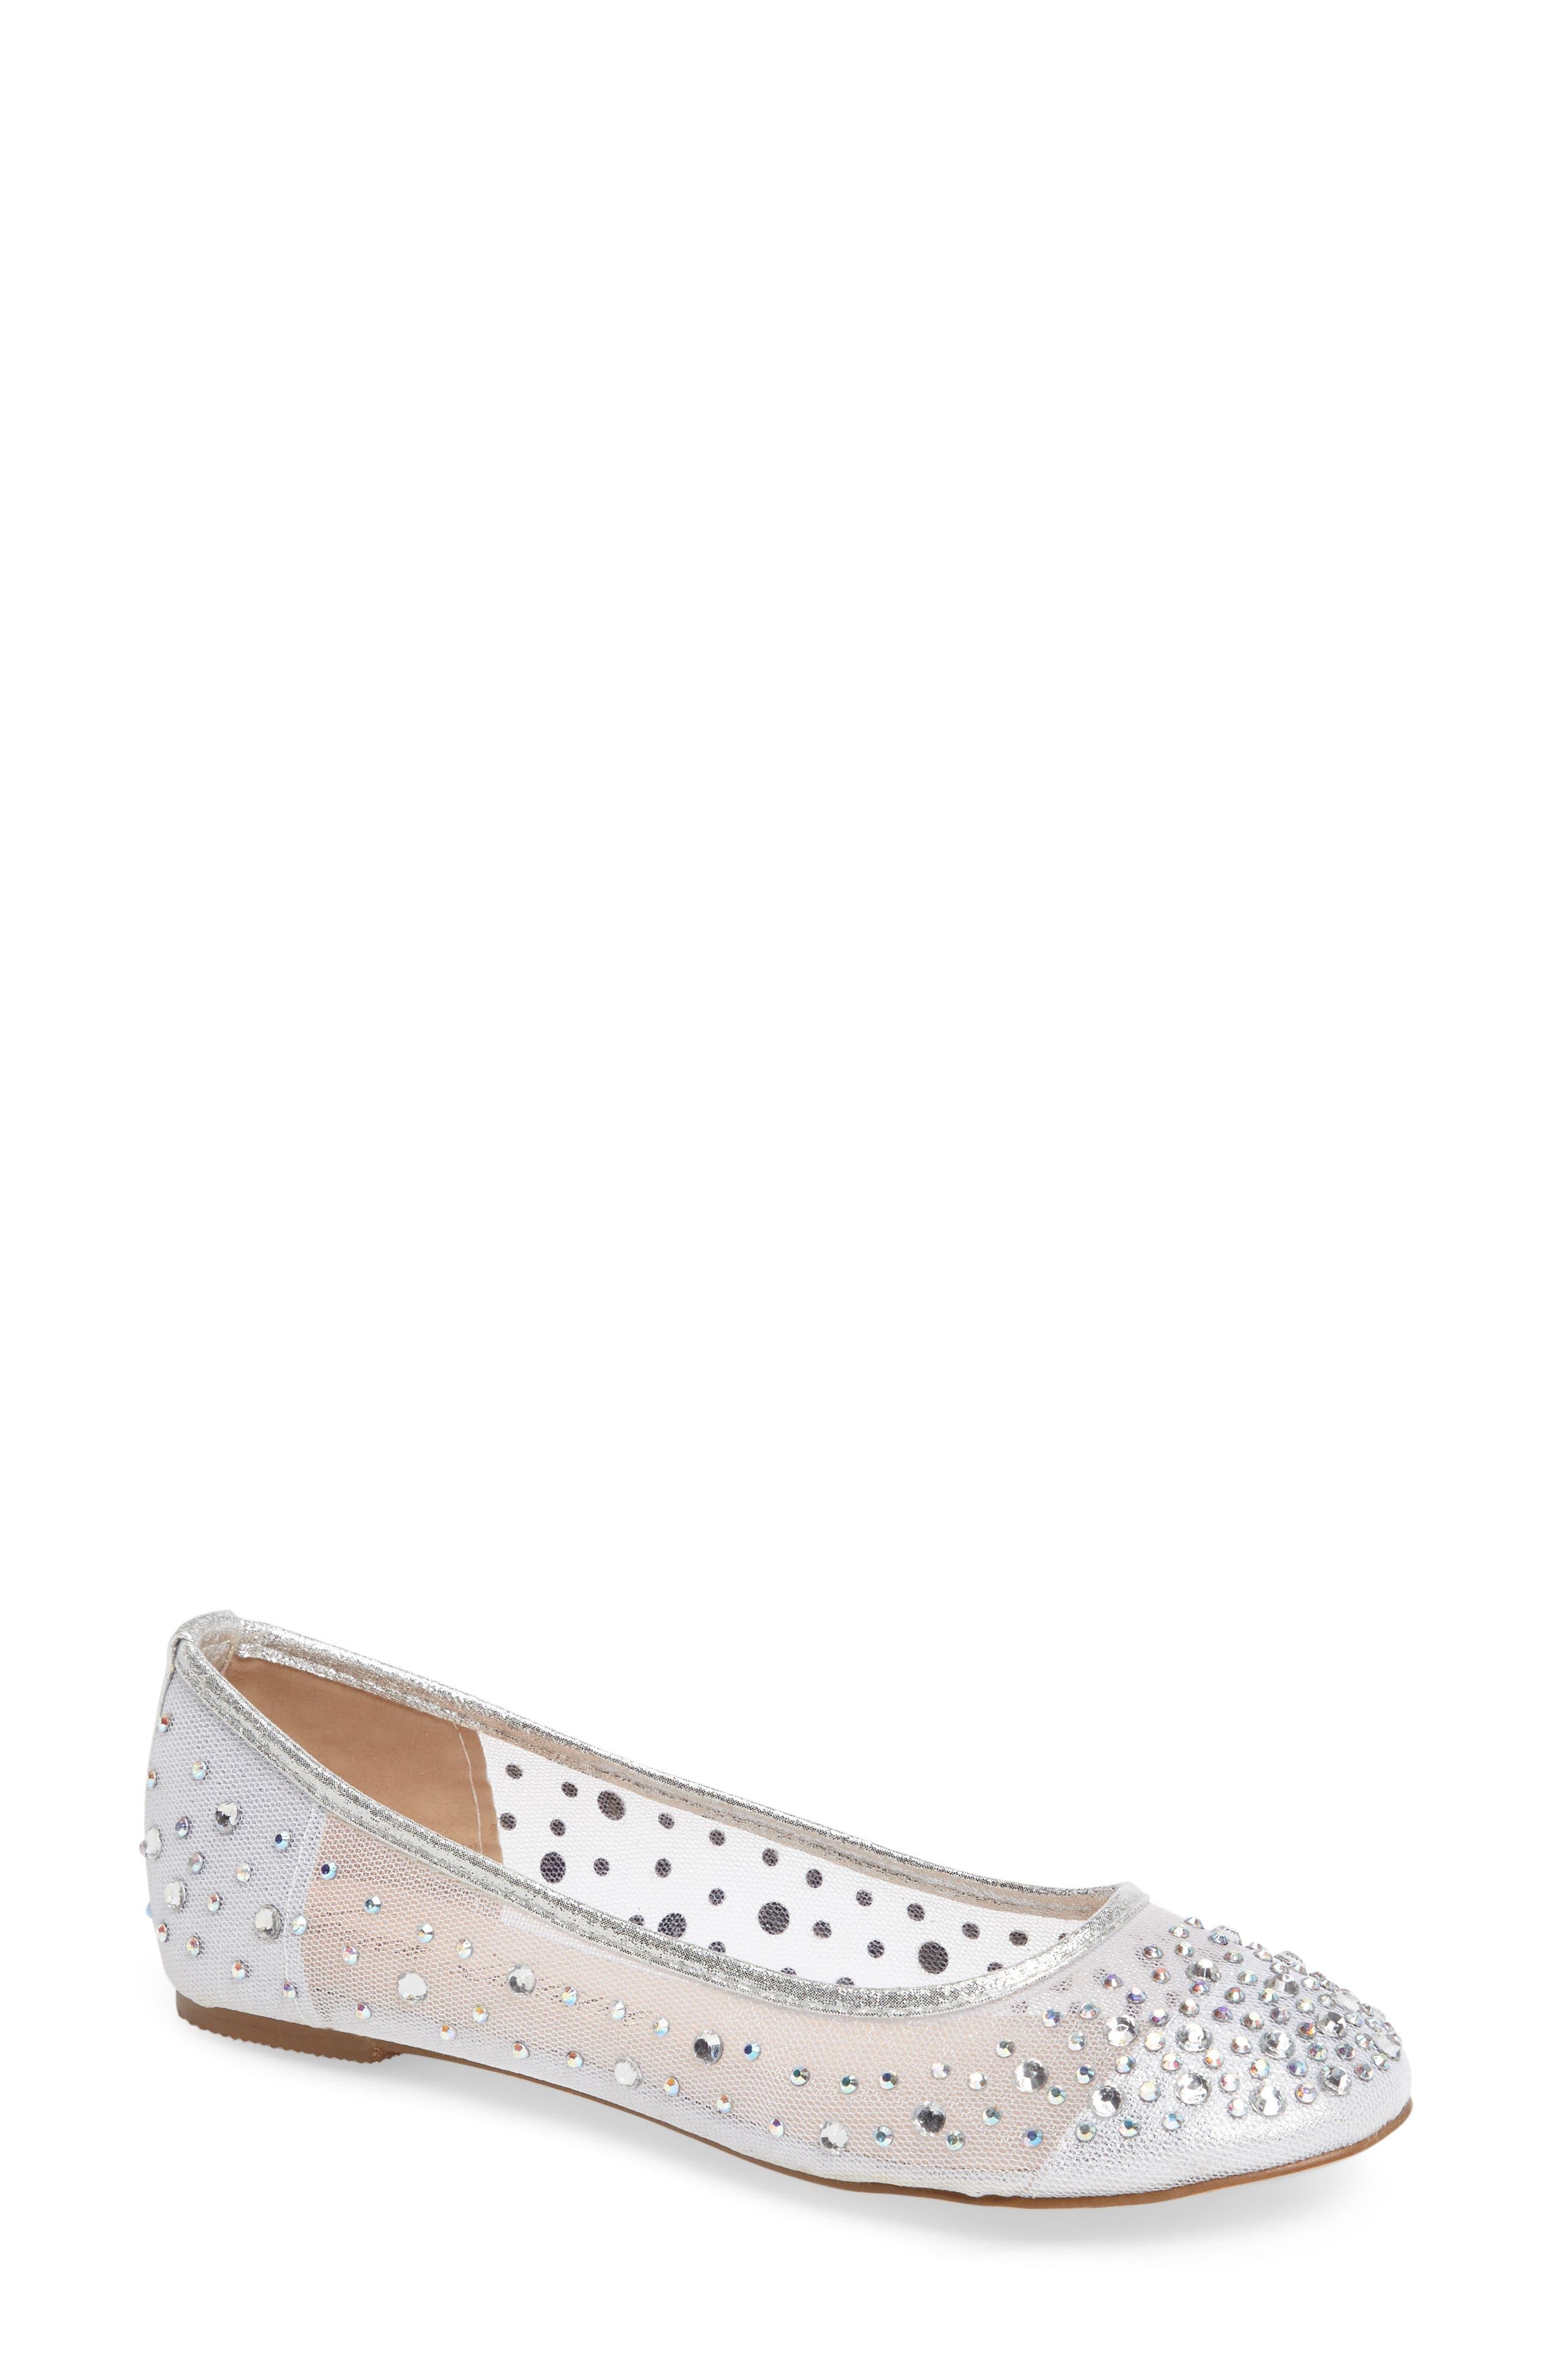 Crystal Embellished Ballet Flat,                         Main,                         color, Silver